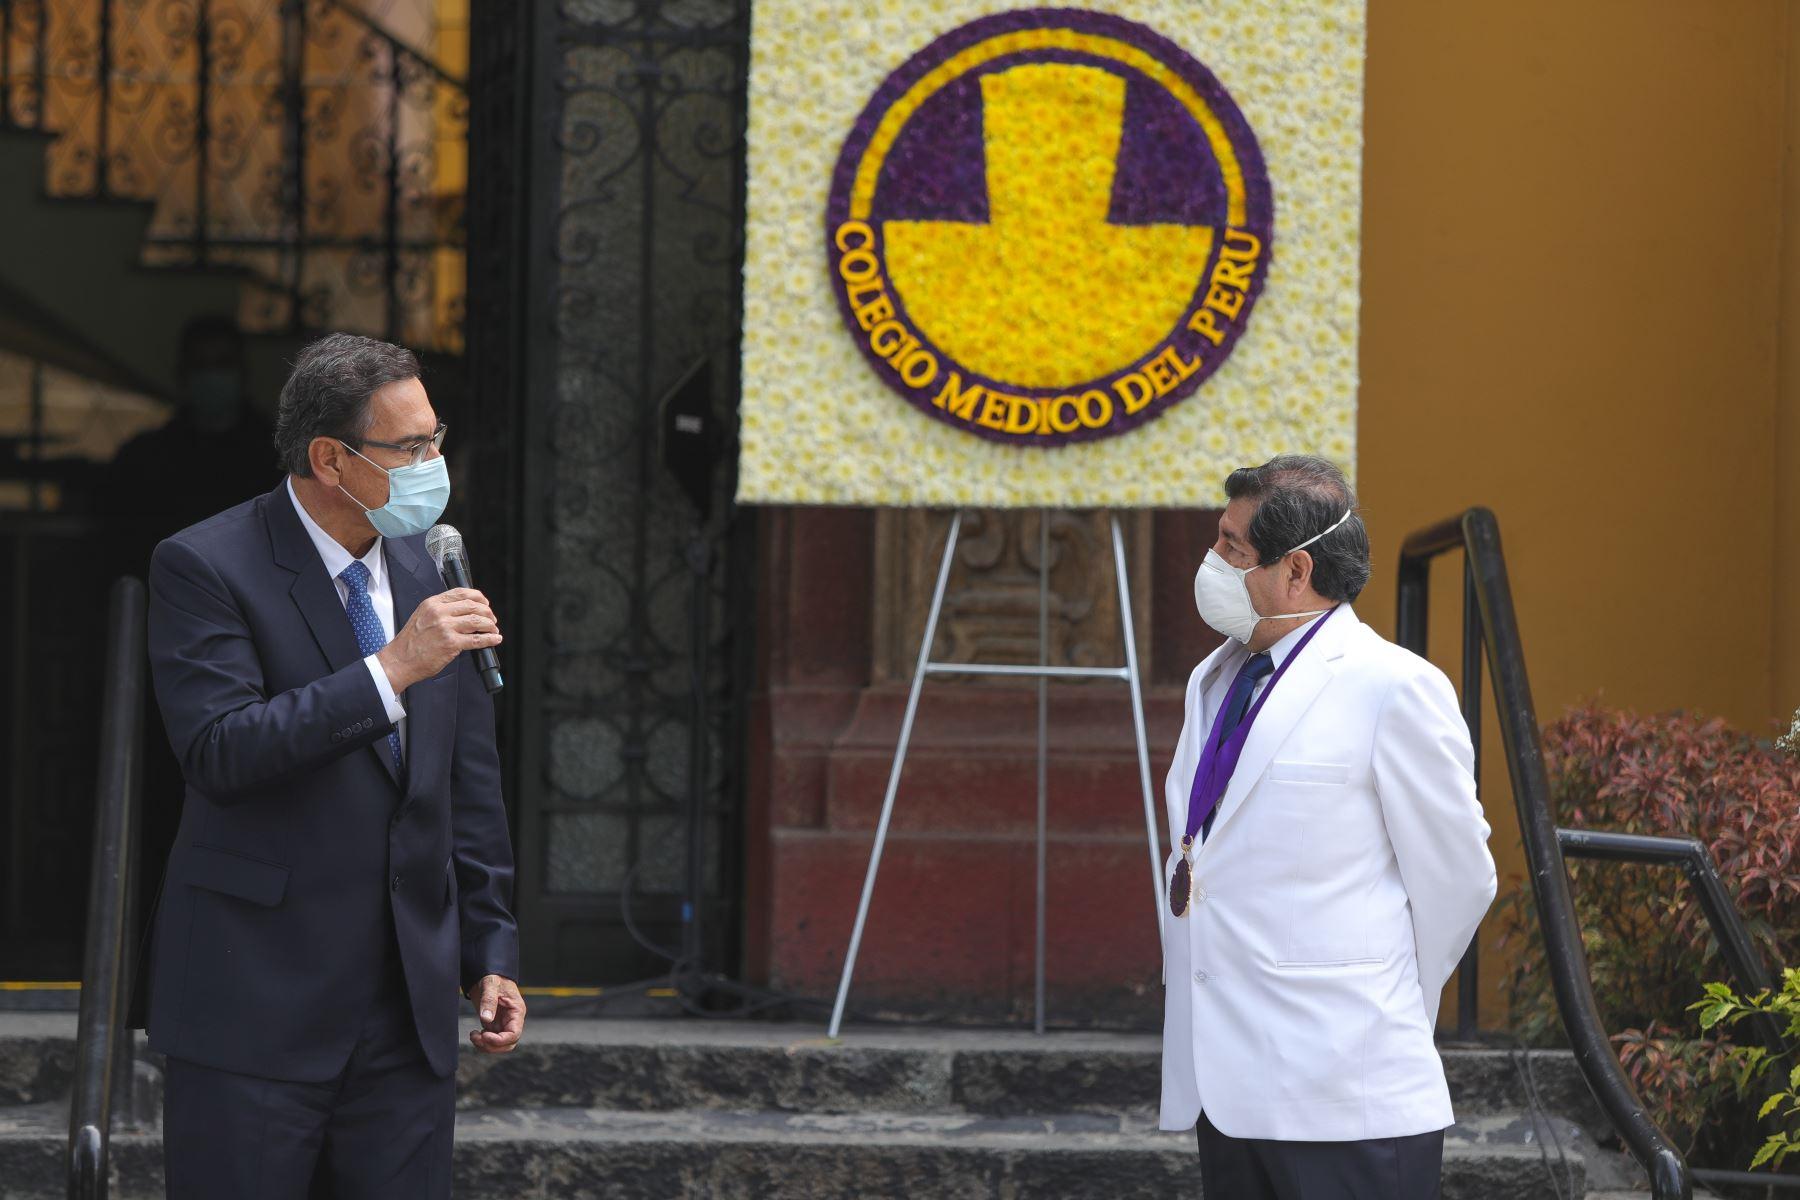 El presidente de la República, Martín Vizcarra, participa en la ceremonia de inauguración del obelisco en homenaje a los médicos fallecidos por el covid-19 y remembranza por el Día del Paciente. Foto: ANDINA/ Prensa Presidencia